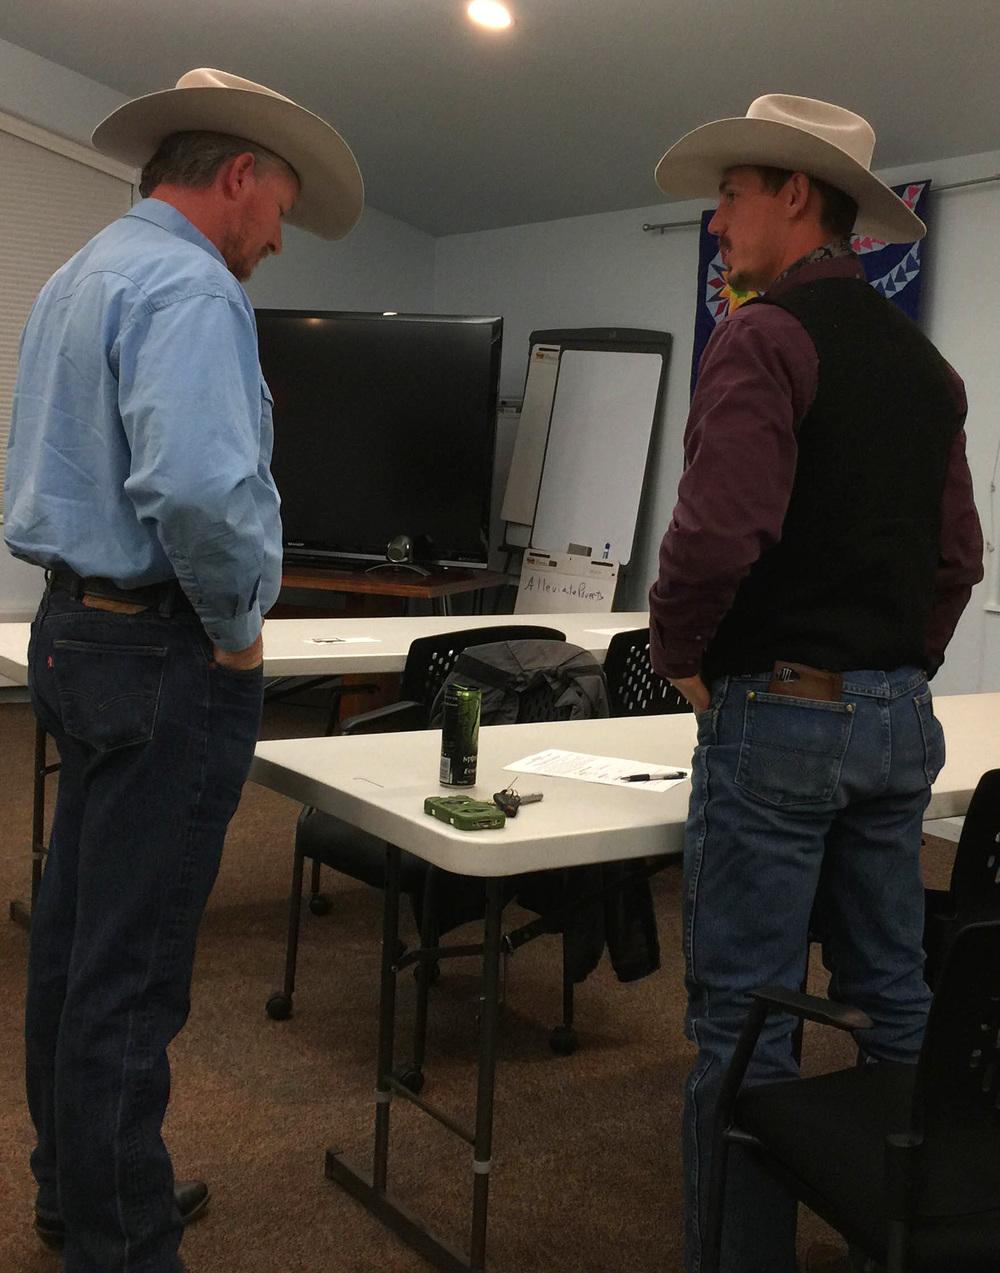 site-2-9-15 democratic event-Saguache-cowboys-2.jpg